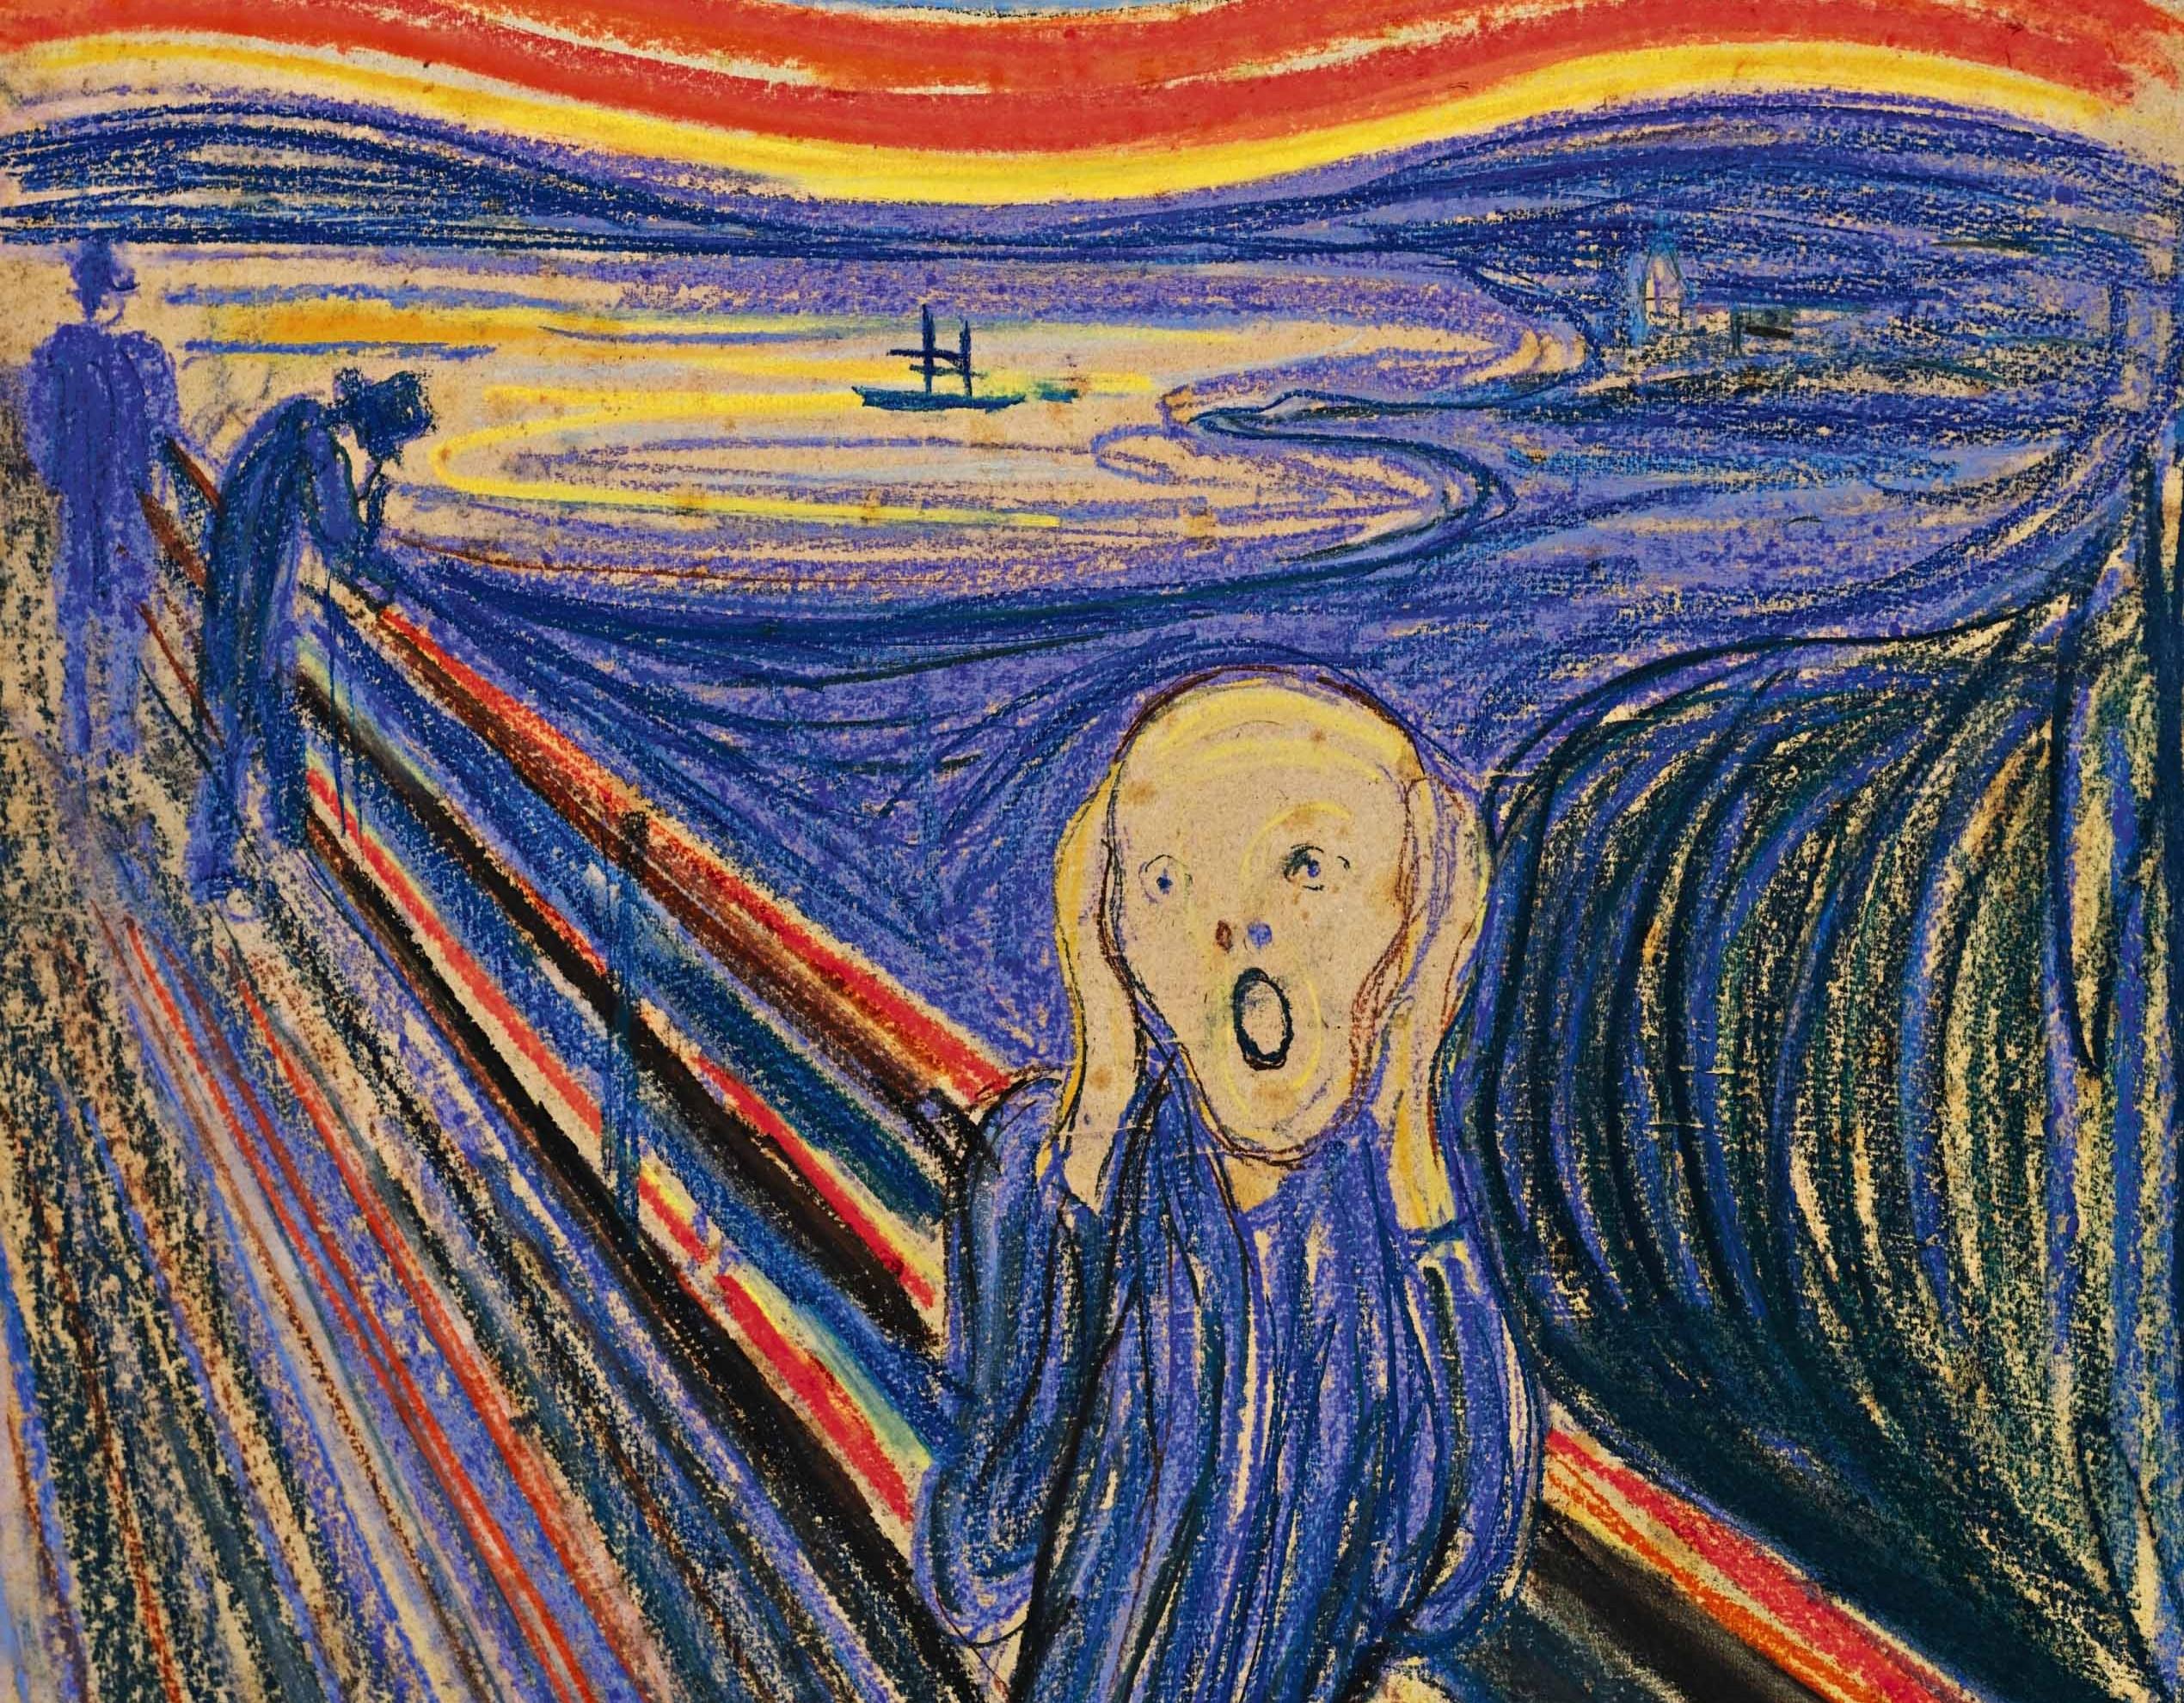 Revelan el origen del mensaje oculto en 'El Grito' de Munch